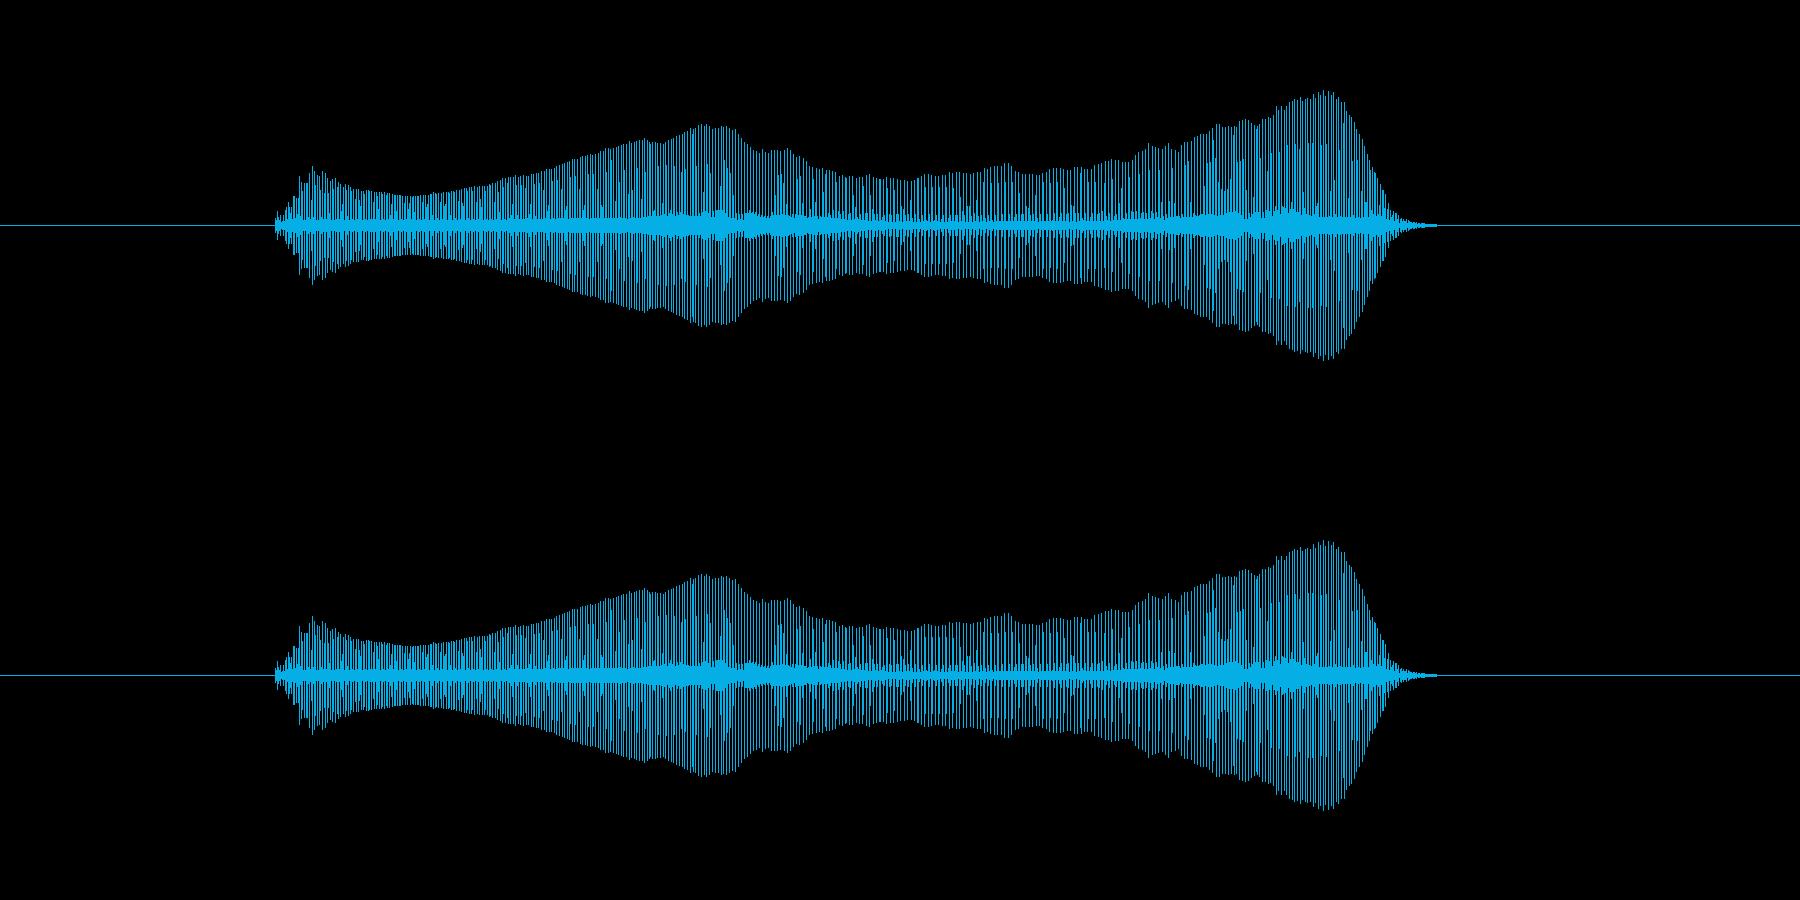 トロンボーンあるあるフレーズBPM140の再生済みの波形